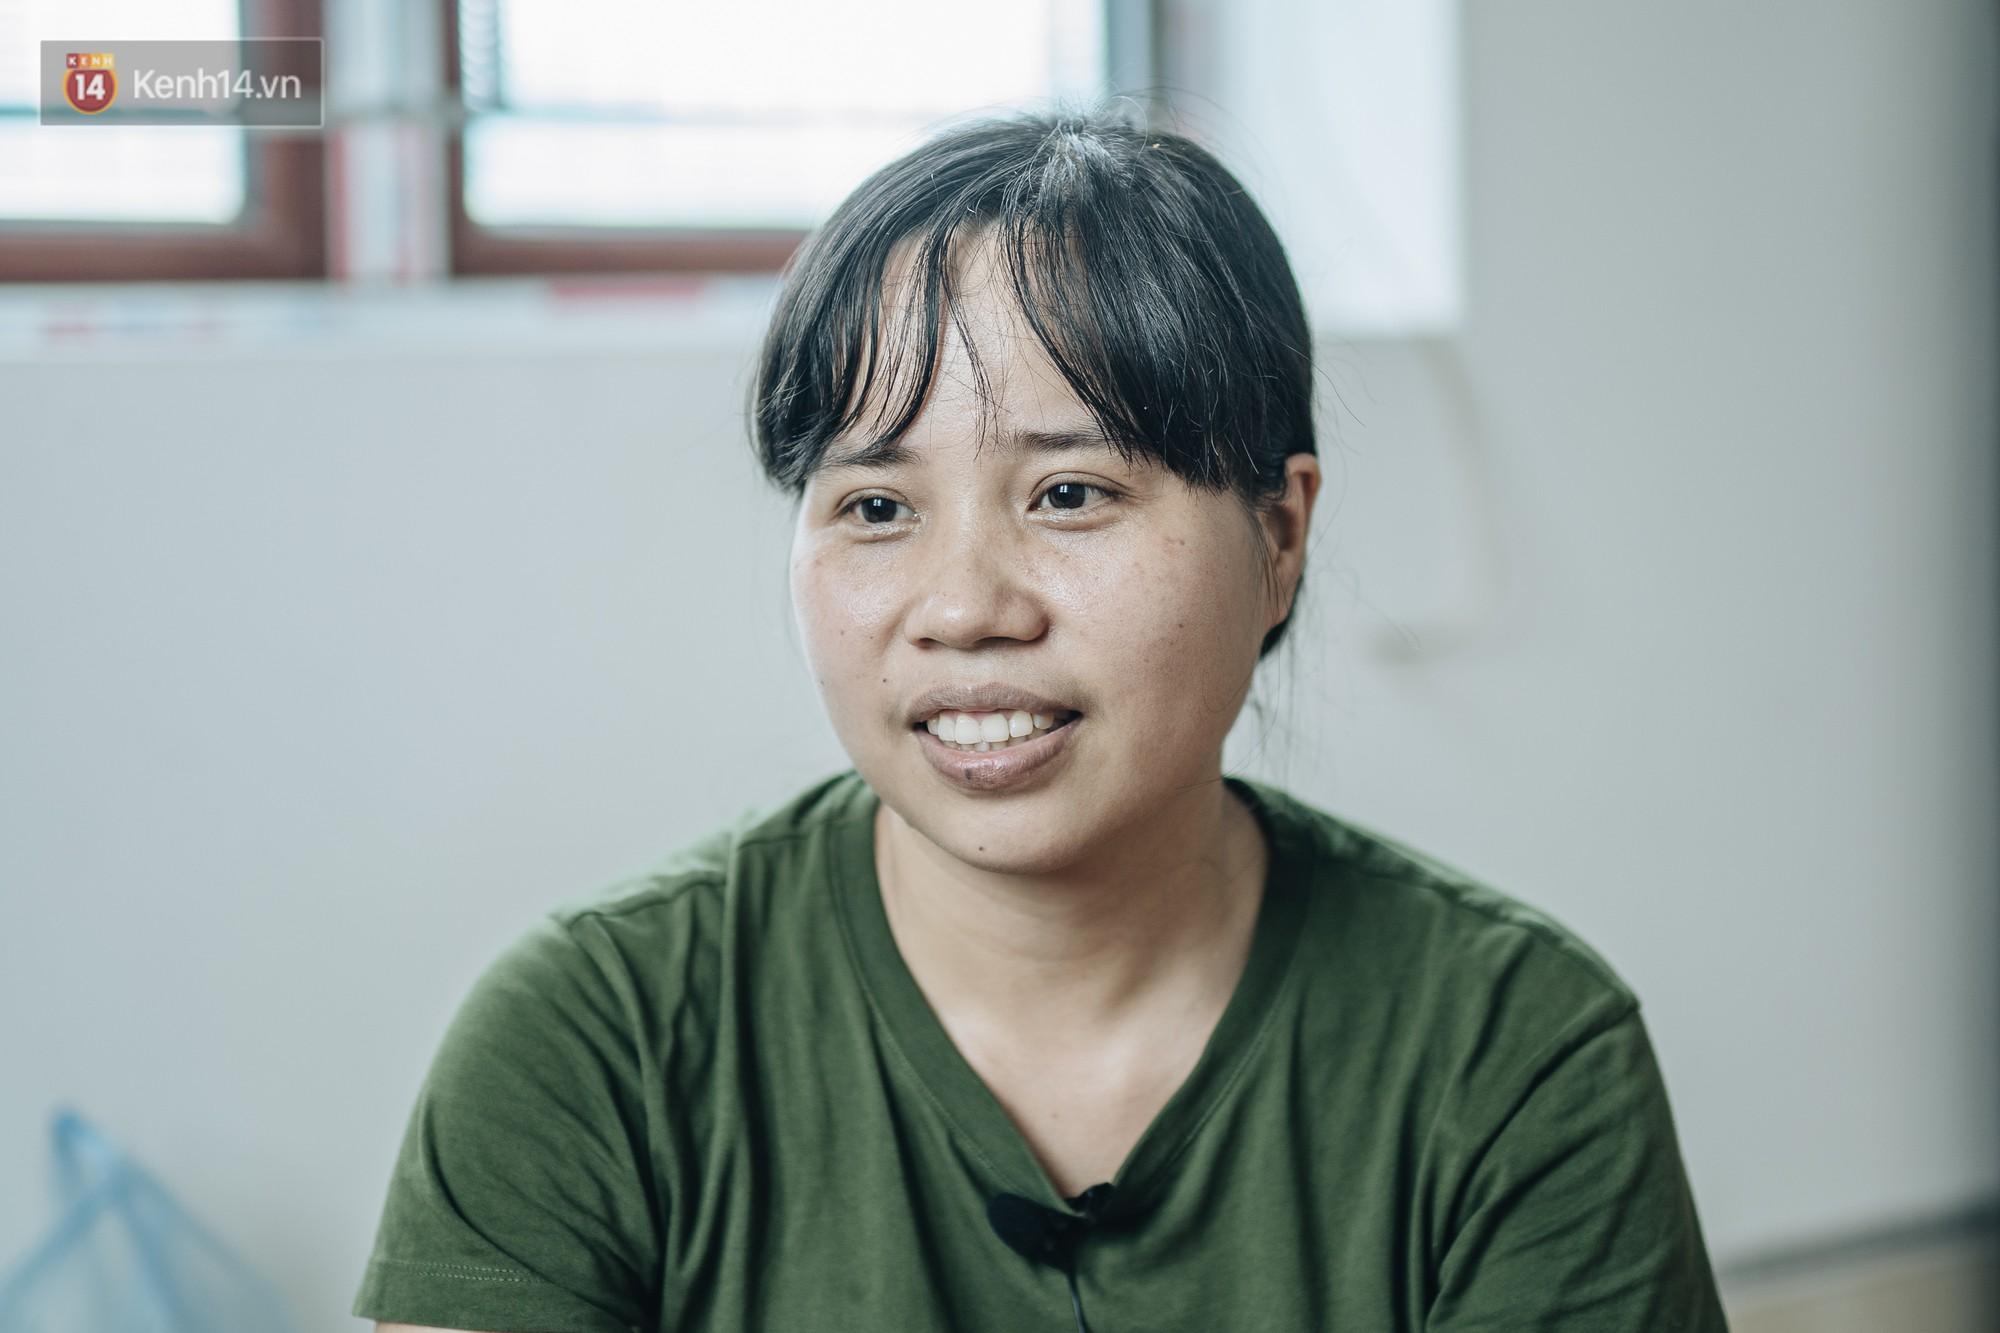 Nhật ký 55 ngày chiến đấu đầy cảm xúc của người mẹ ung thư và con trai: Mong Bình An rồi sẽ bình an!-11